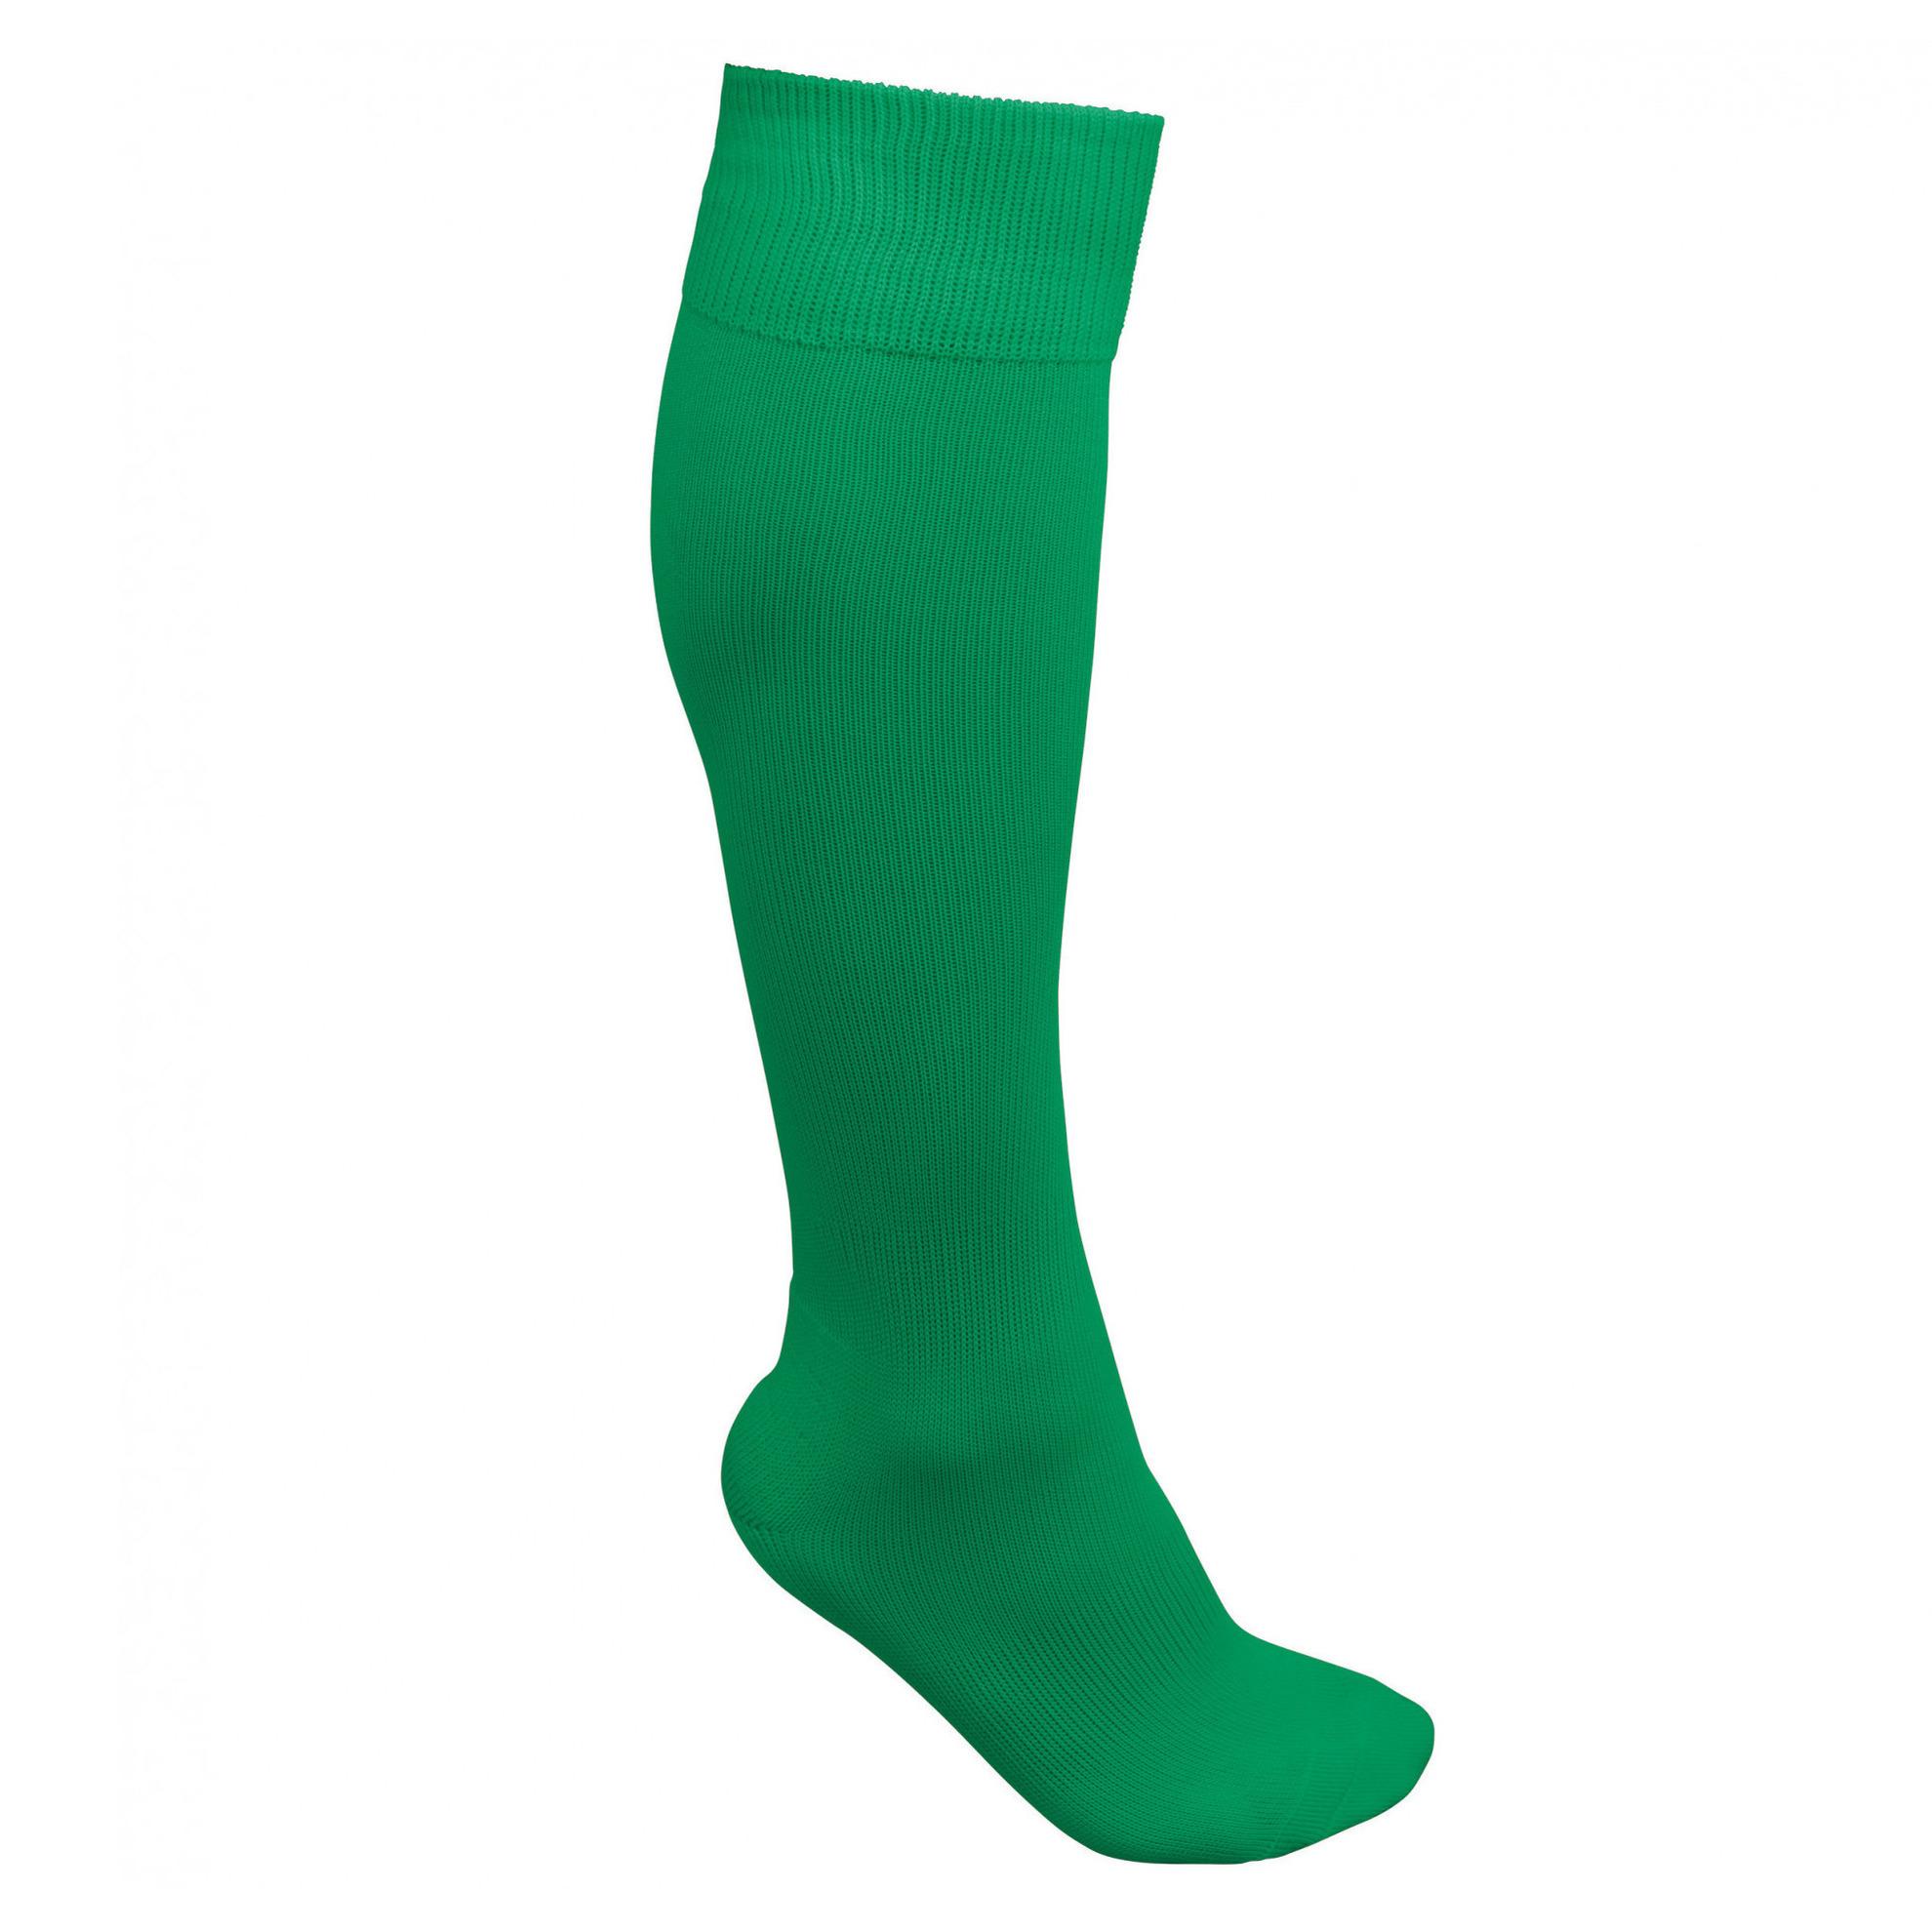 Groene hoge sportsokken 1 paar